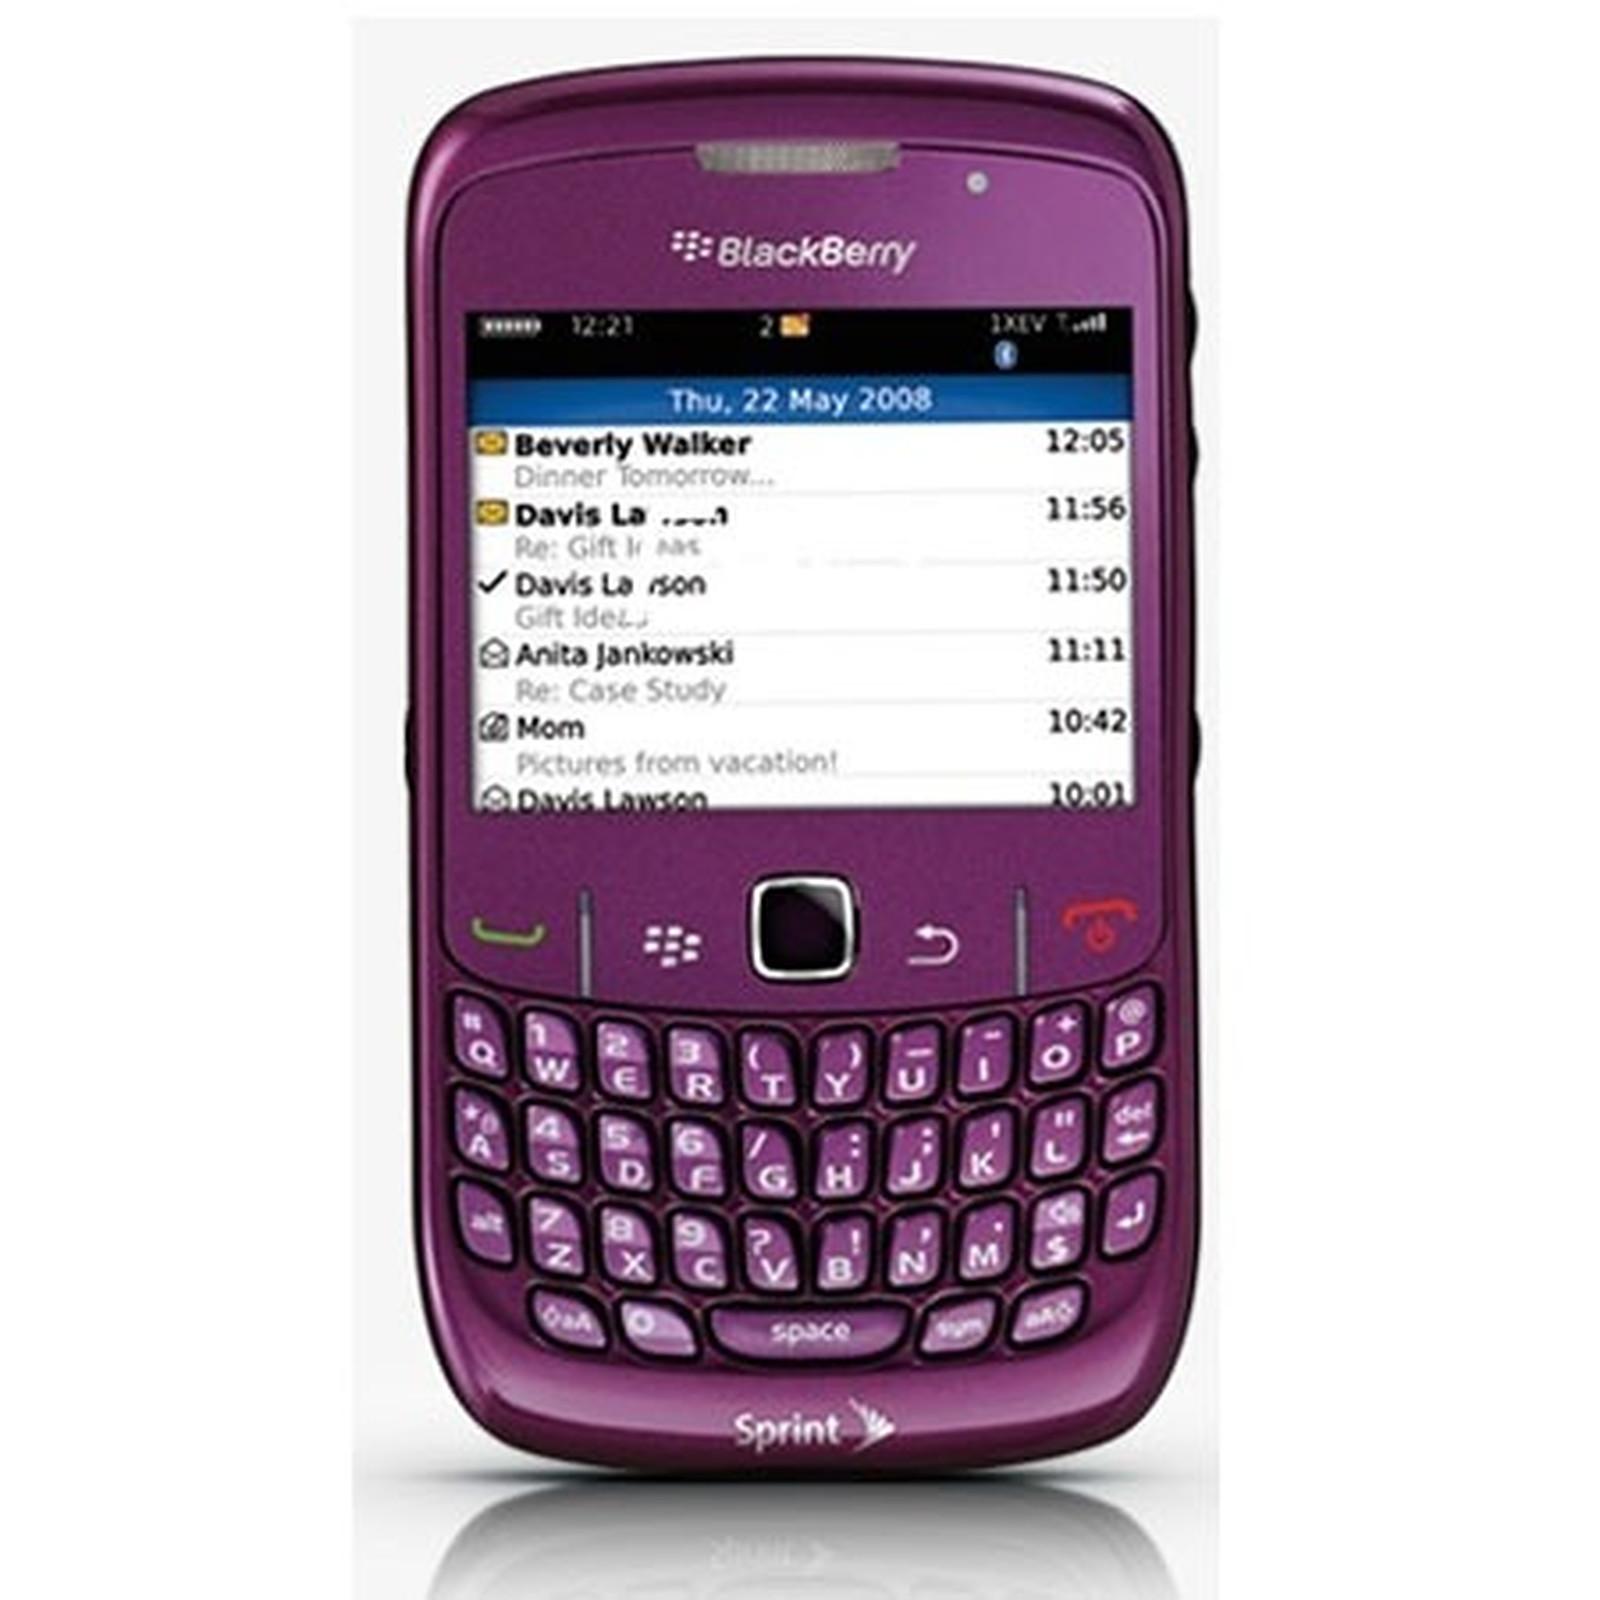 BlackBerry Curve 8520 violet